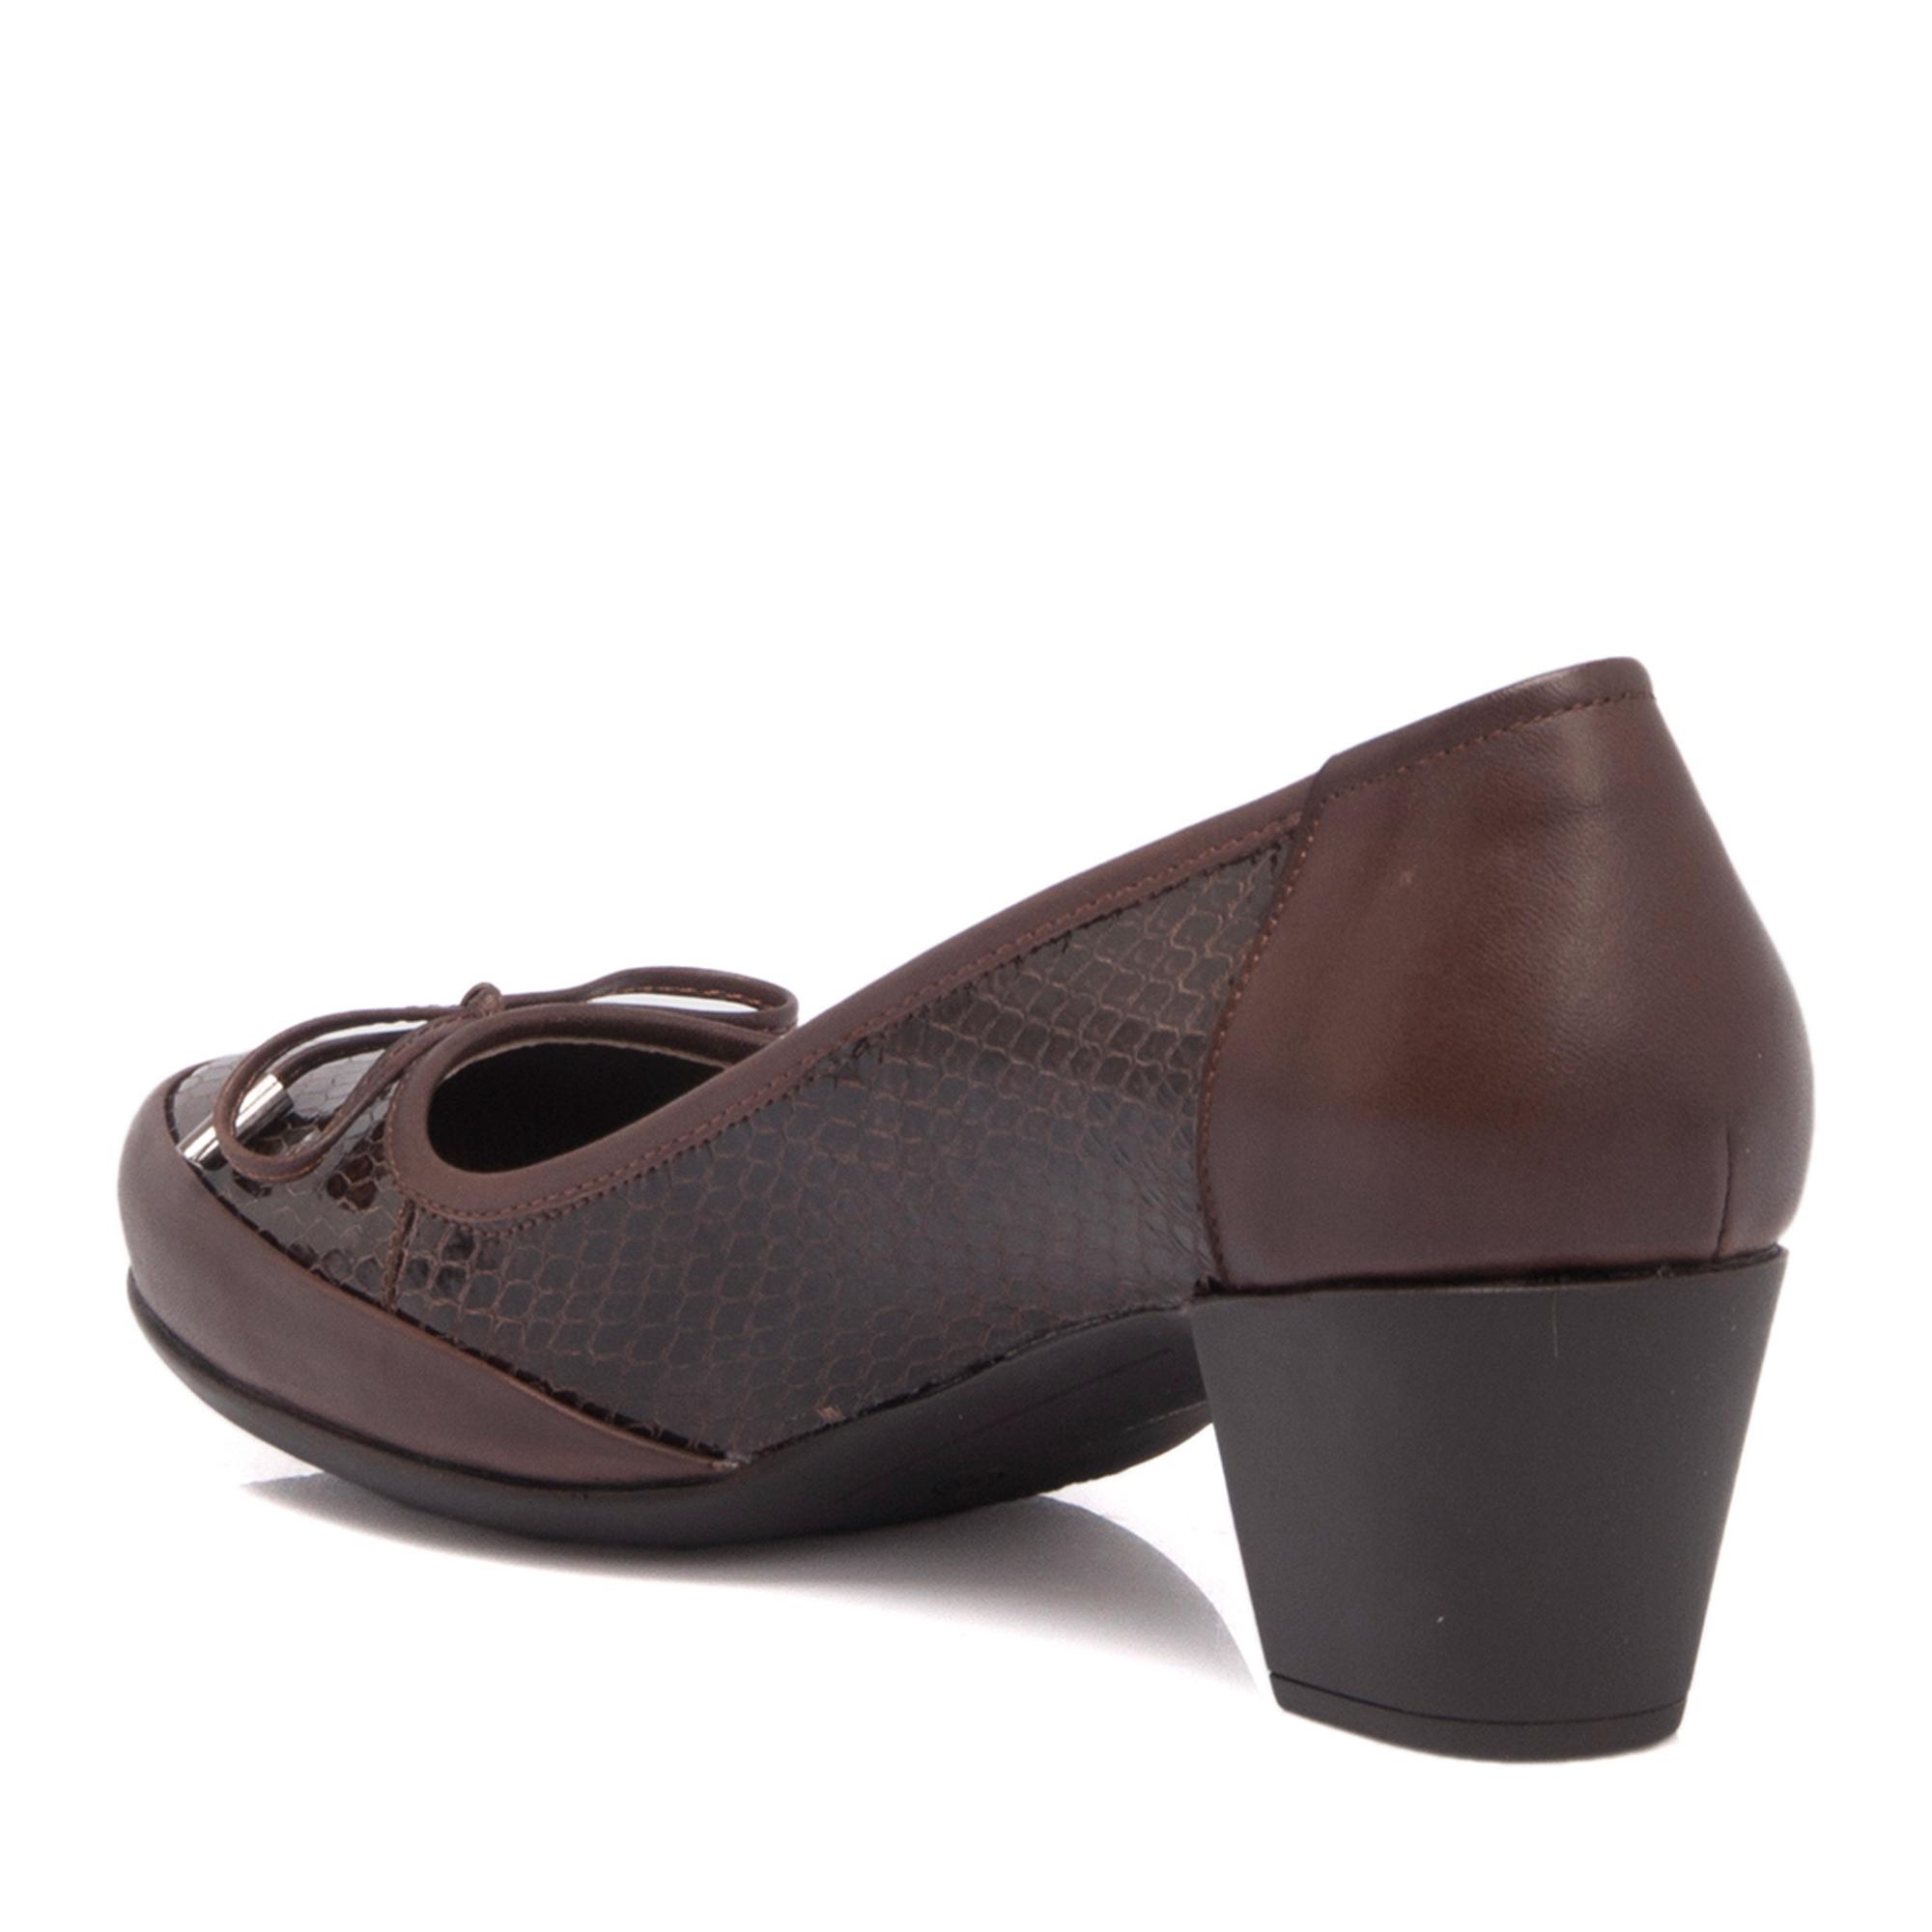 Kahve Deri Kadın Ayakkabı 63960A24